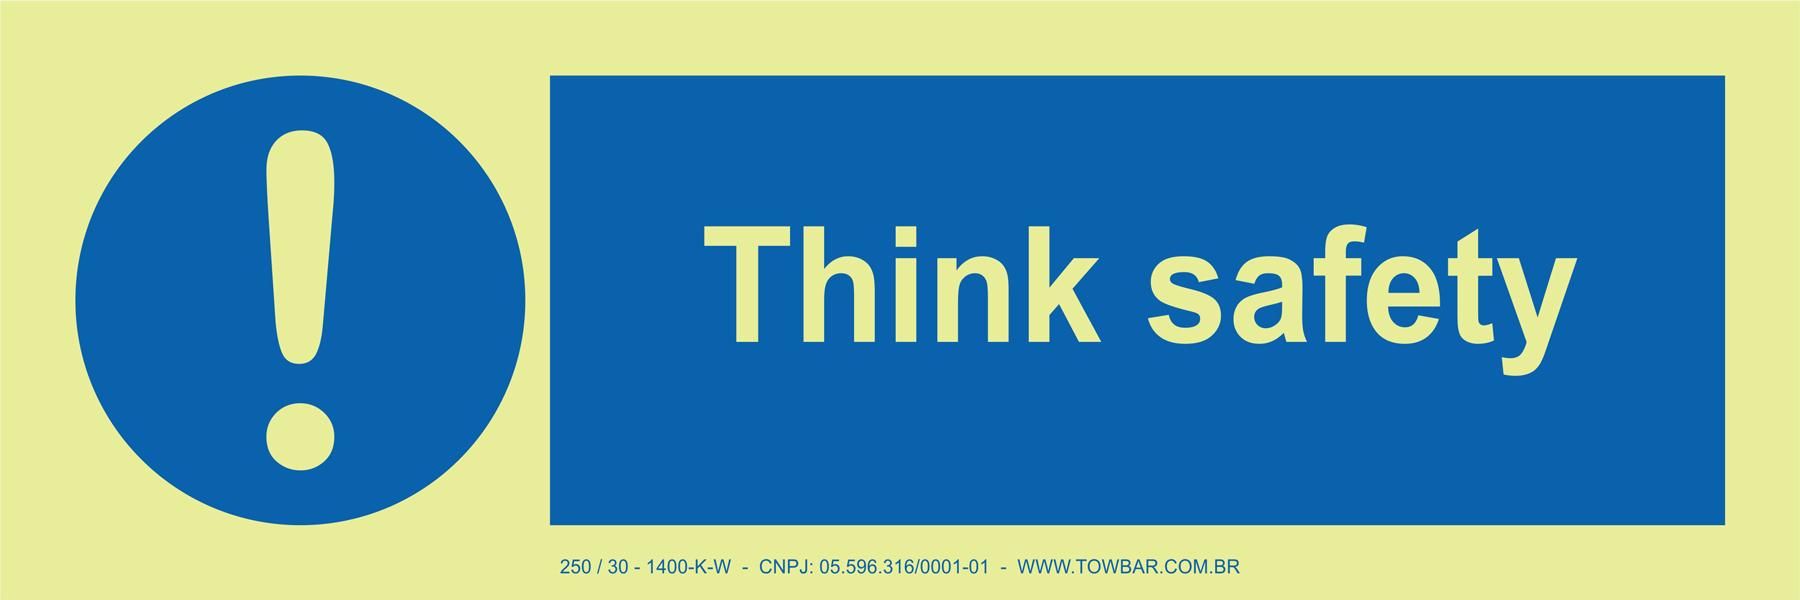 Think Safety  - Towbar Sinalização de Segurança